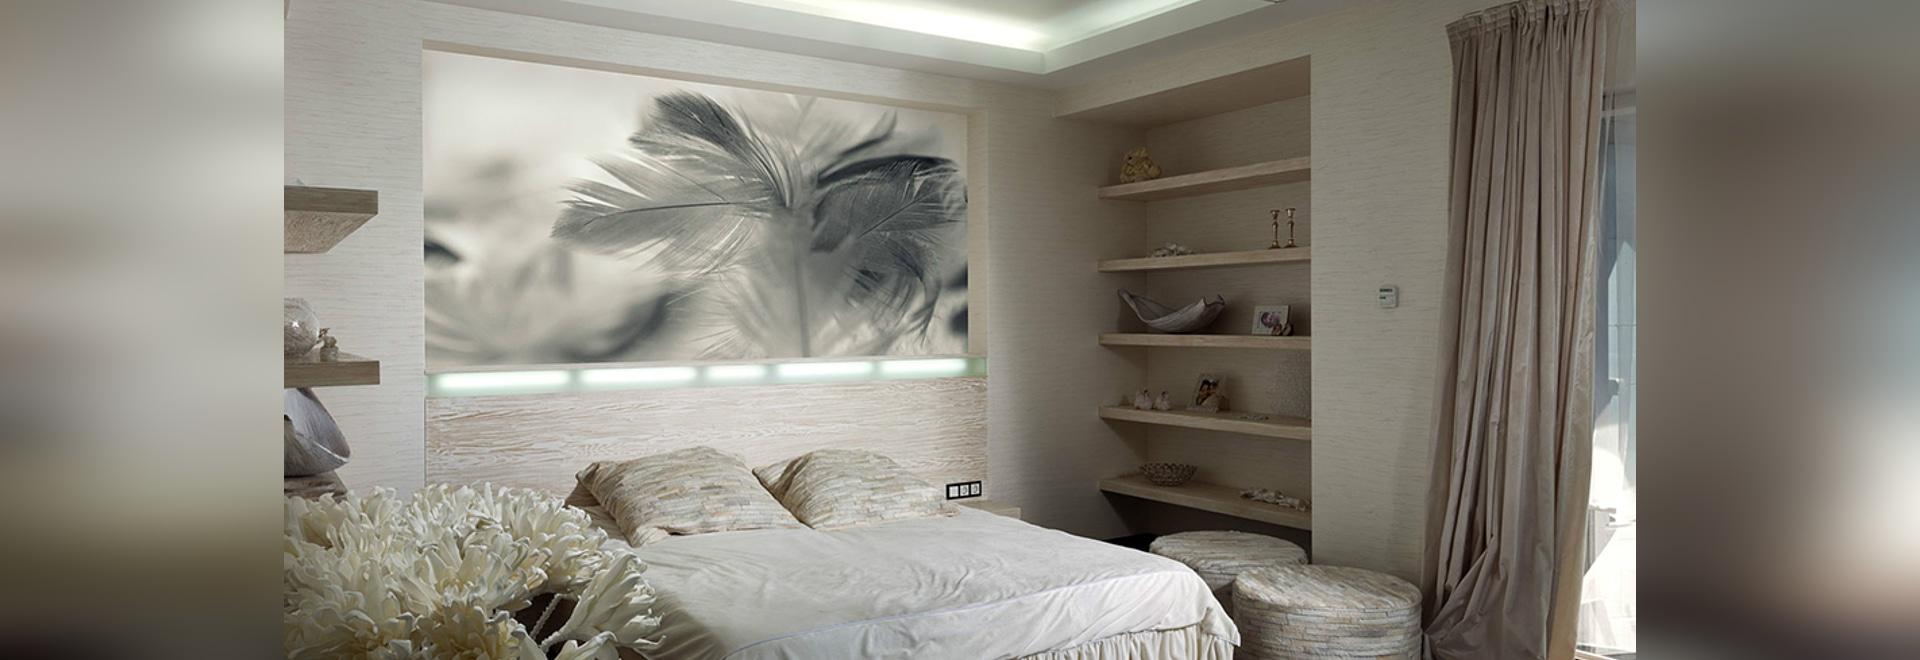 Sechs Schone Schlafzimmer Mit Den Weichen Und Freundlichen Entwurfs Elementen Brazil